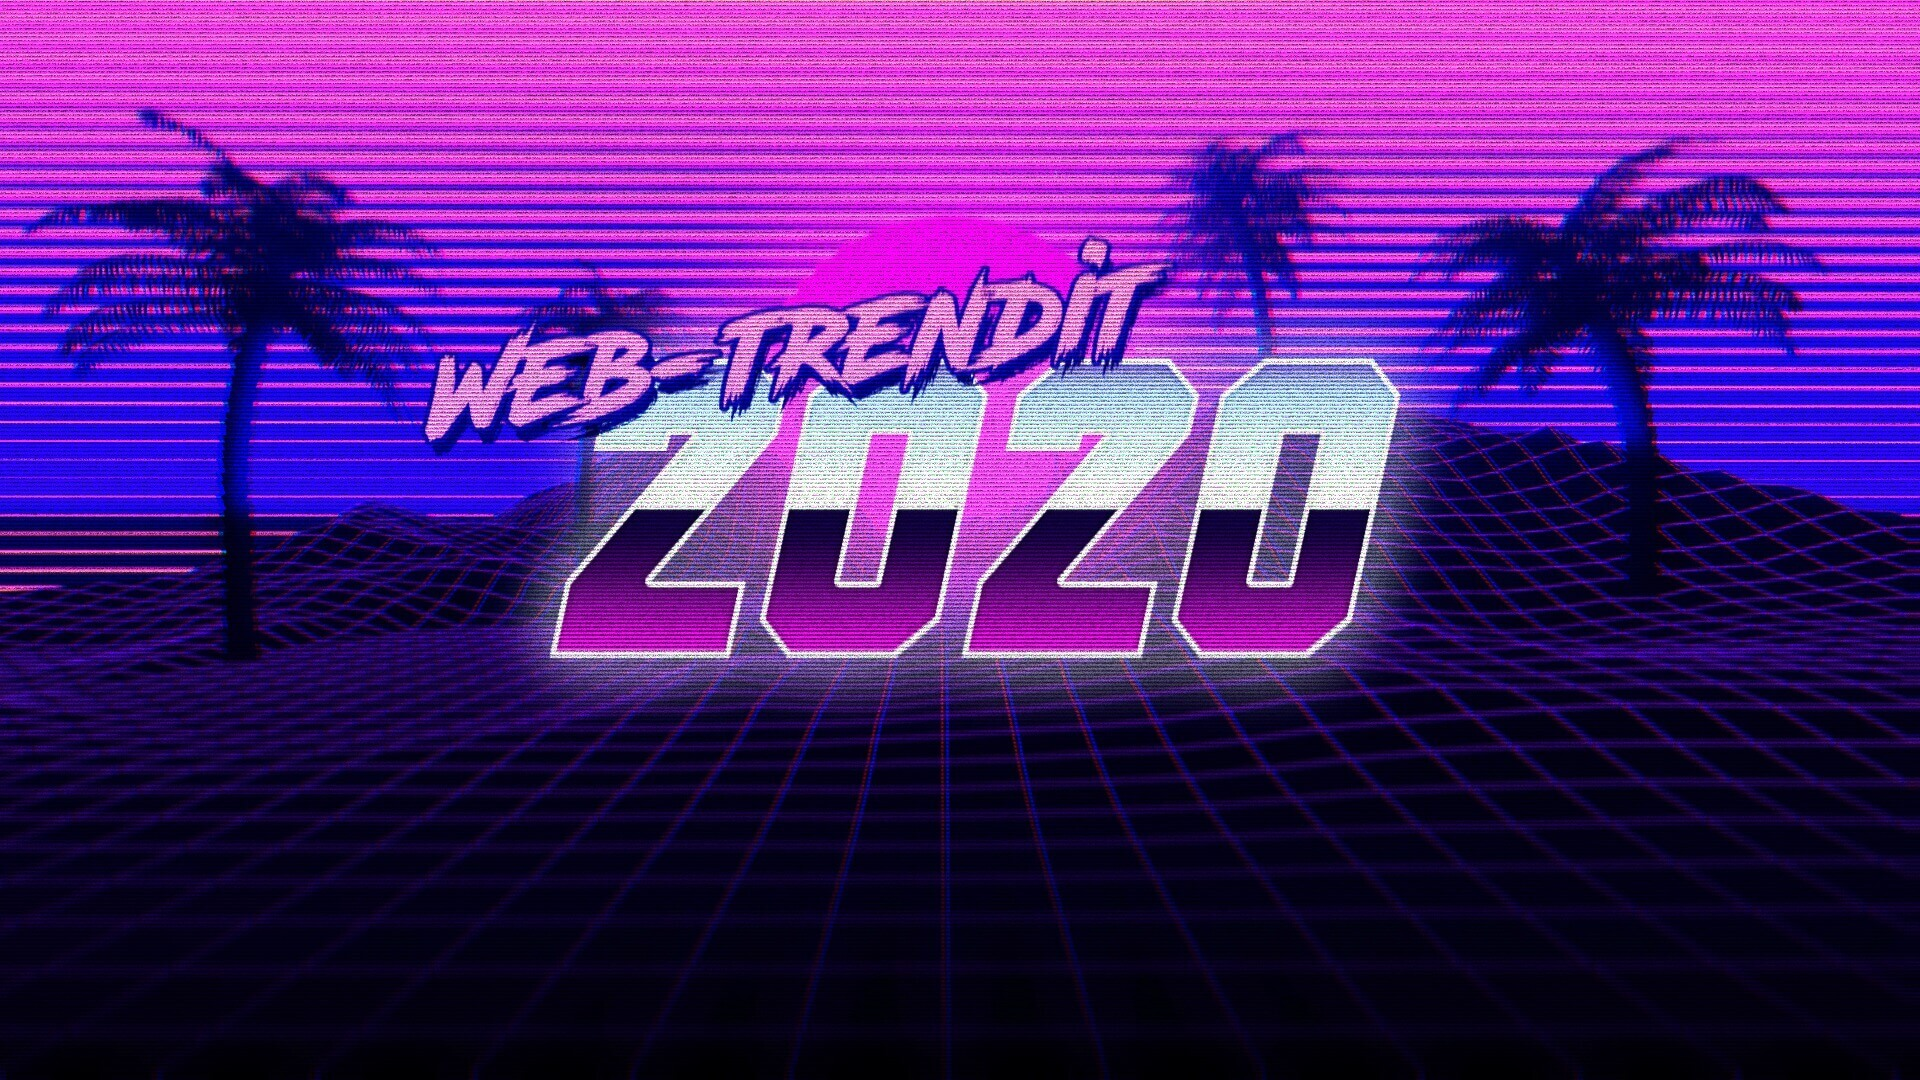 Web-trendejä vuodelle 2020